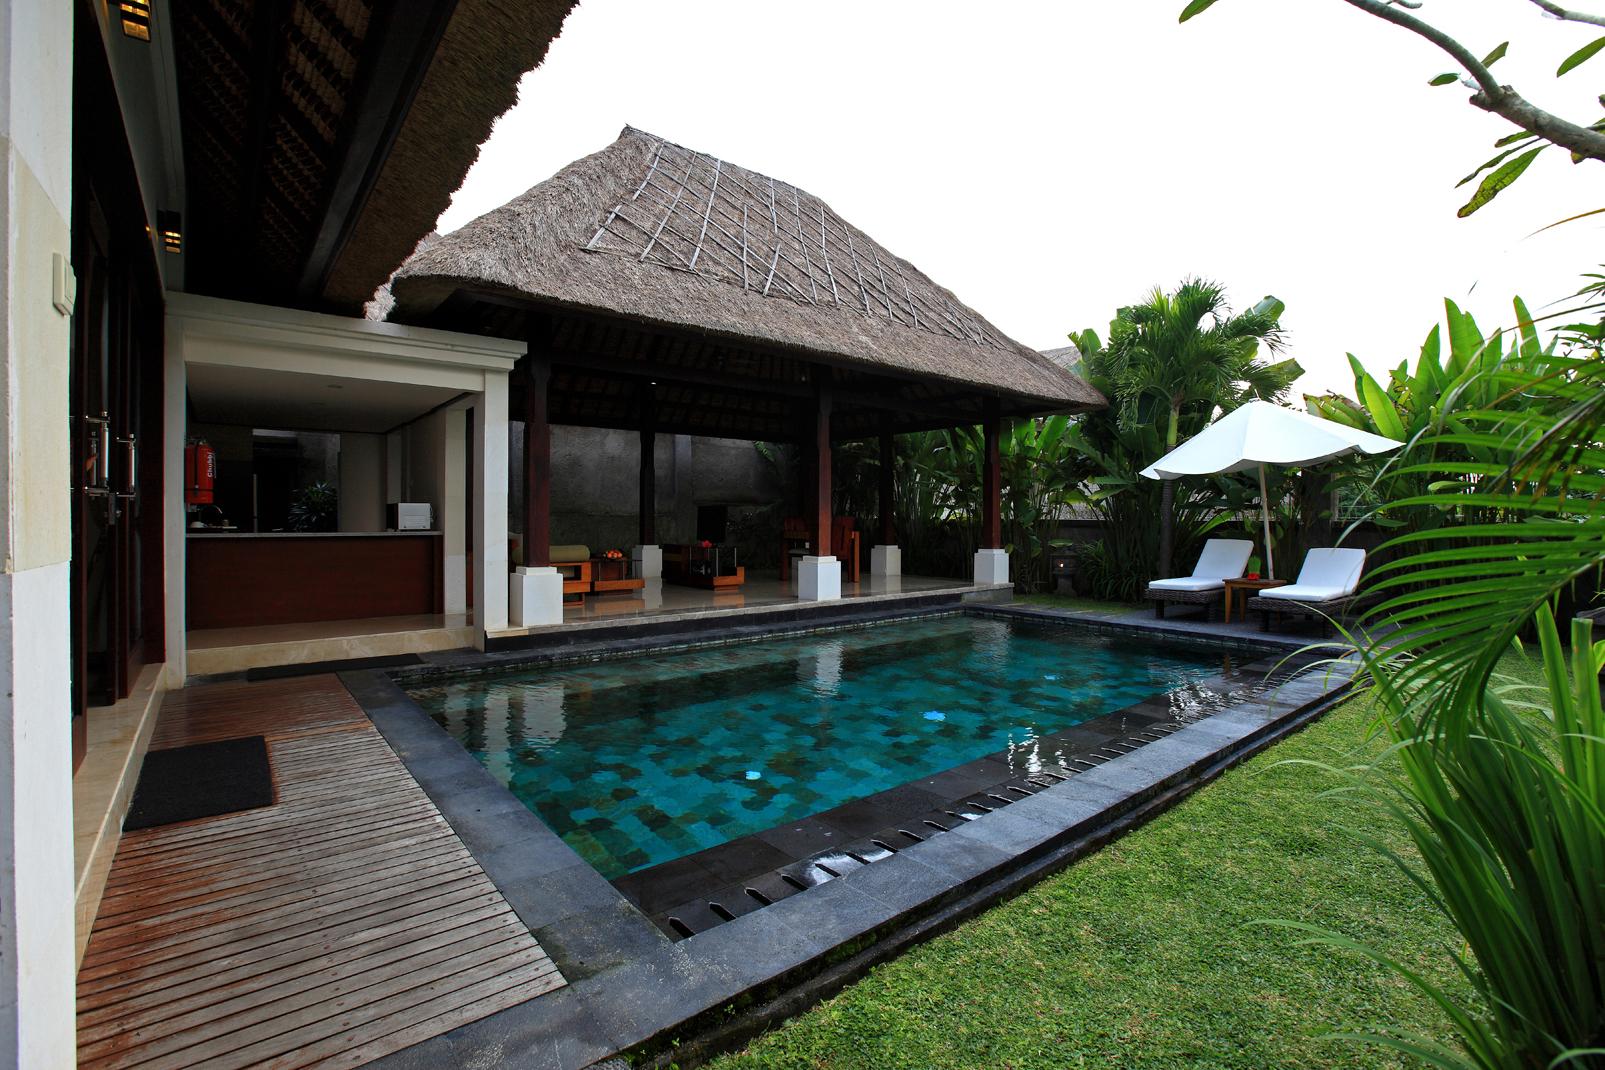 Santi Mandala Villa & Spa - One bedroom luxury pool villa | The room